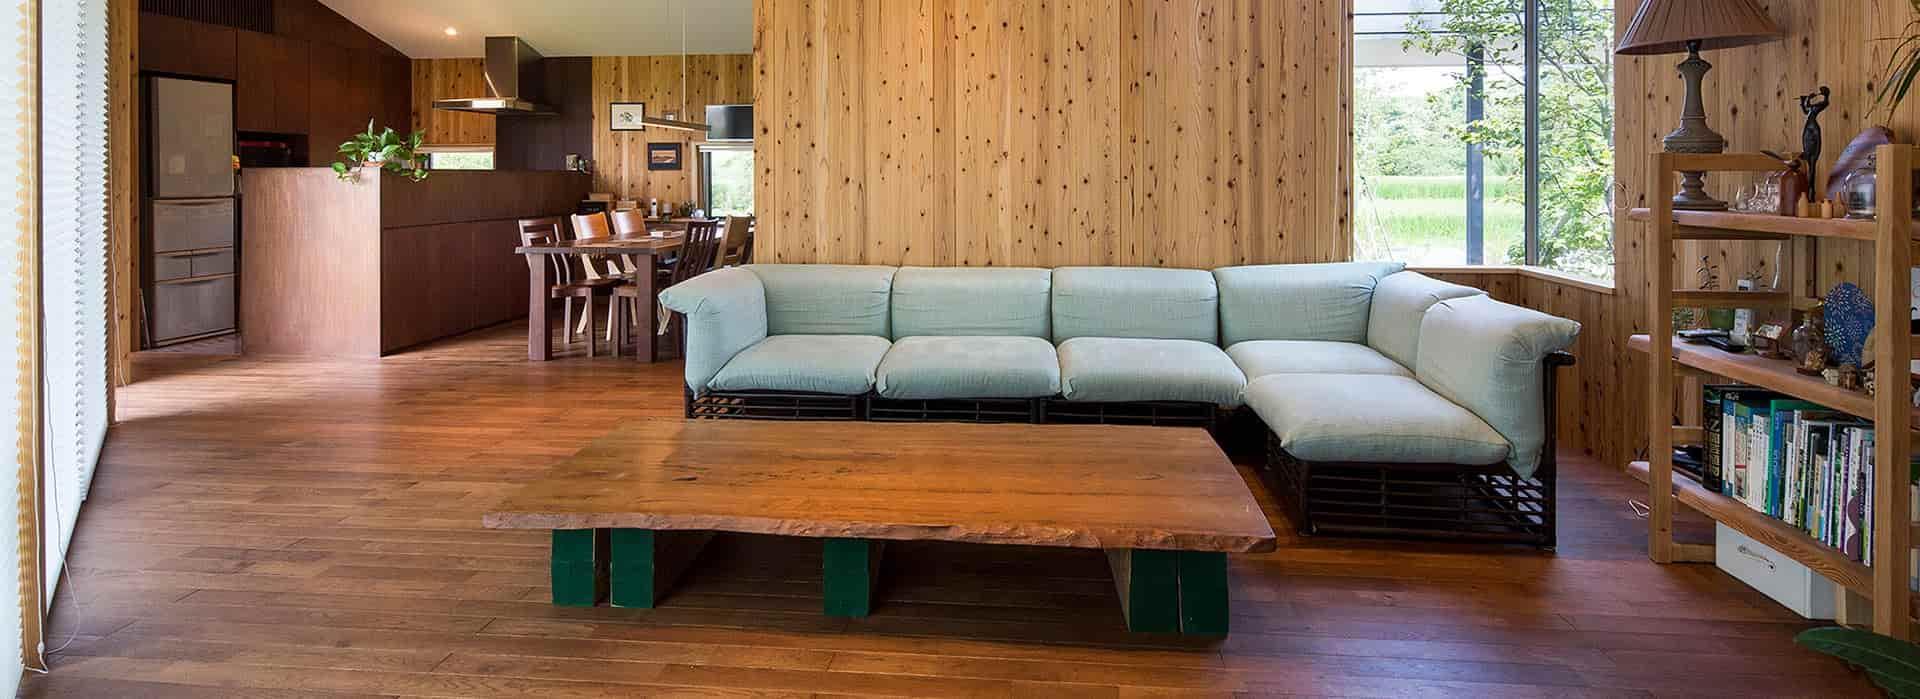 神戸の自然素材を使ったリフォーム・新築・増改築|『ひのきや』について